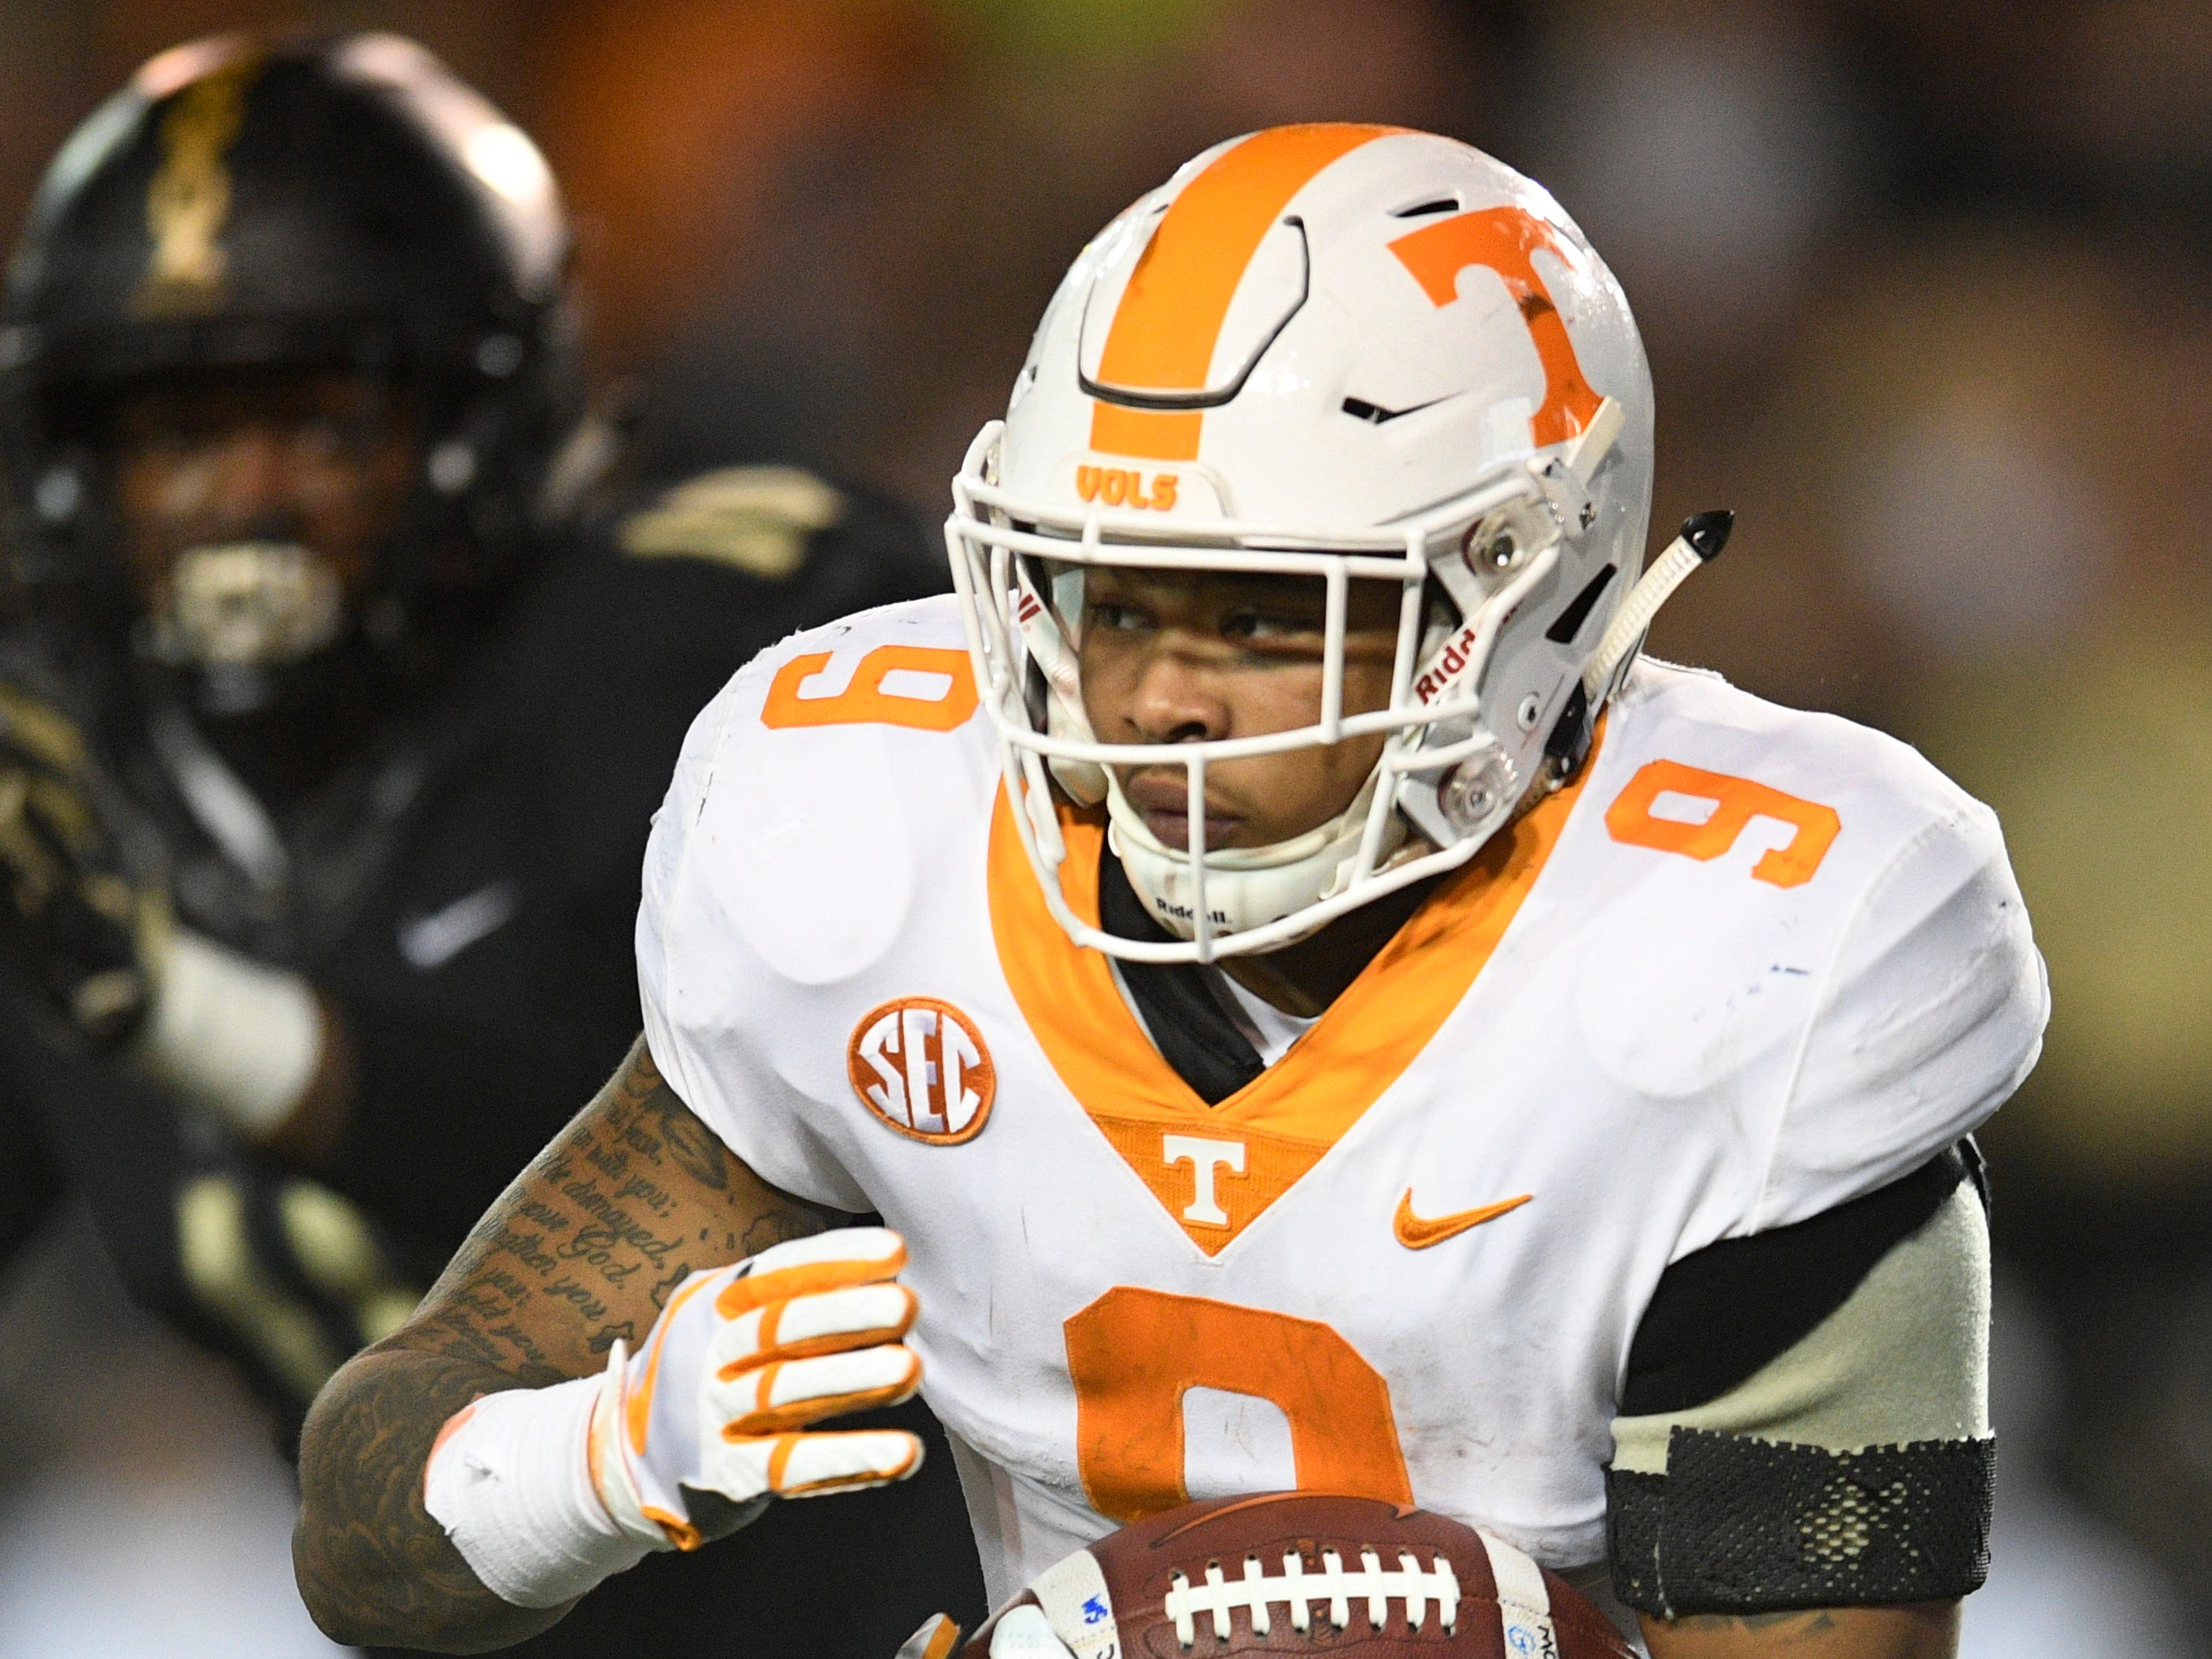 Tennessee running back Tim Jordan (9) carries the ball in the second half at Vanderbilt Stadium Saturday, Nov. 24, 2018, in Nashville, Tenn.